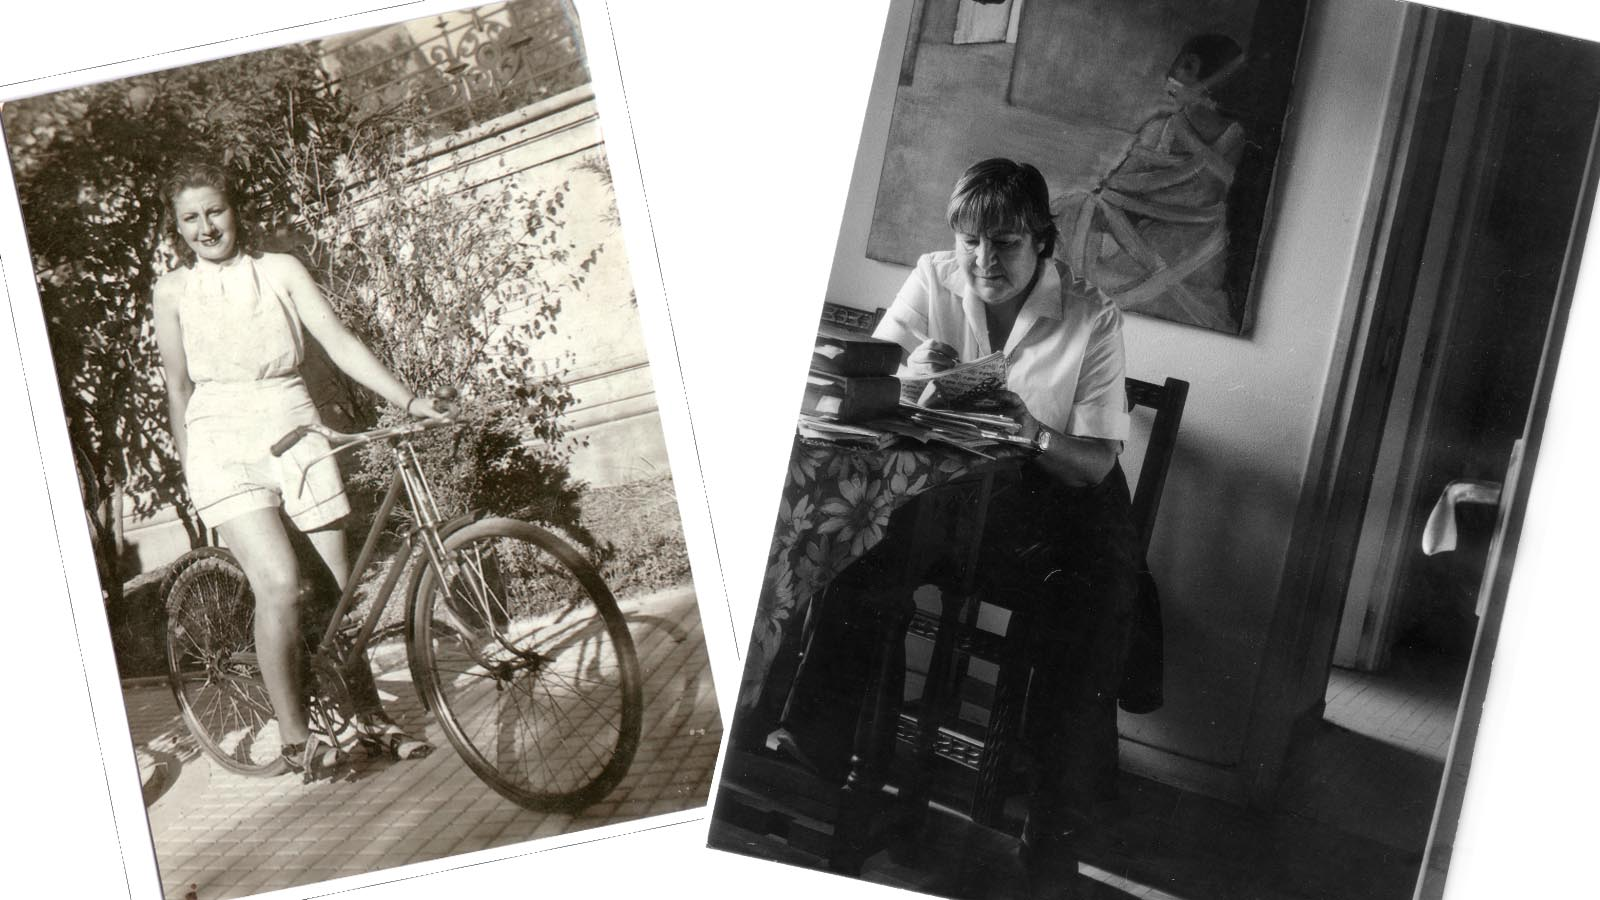 fotos de gloria fuertes en 1937 y escribiendo en su casa en los años 80.